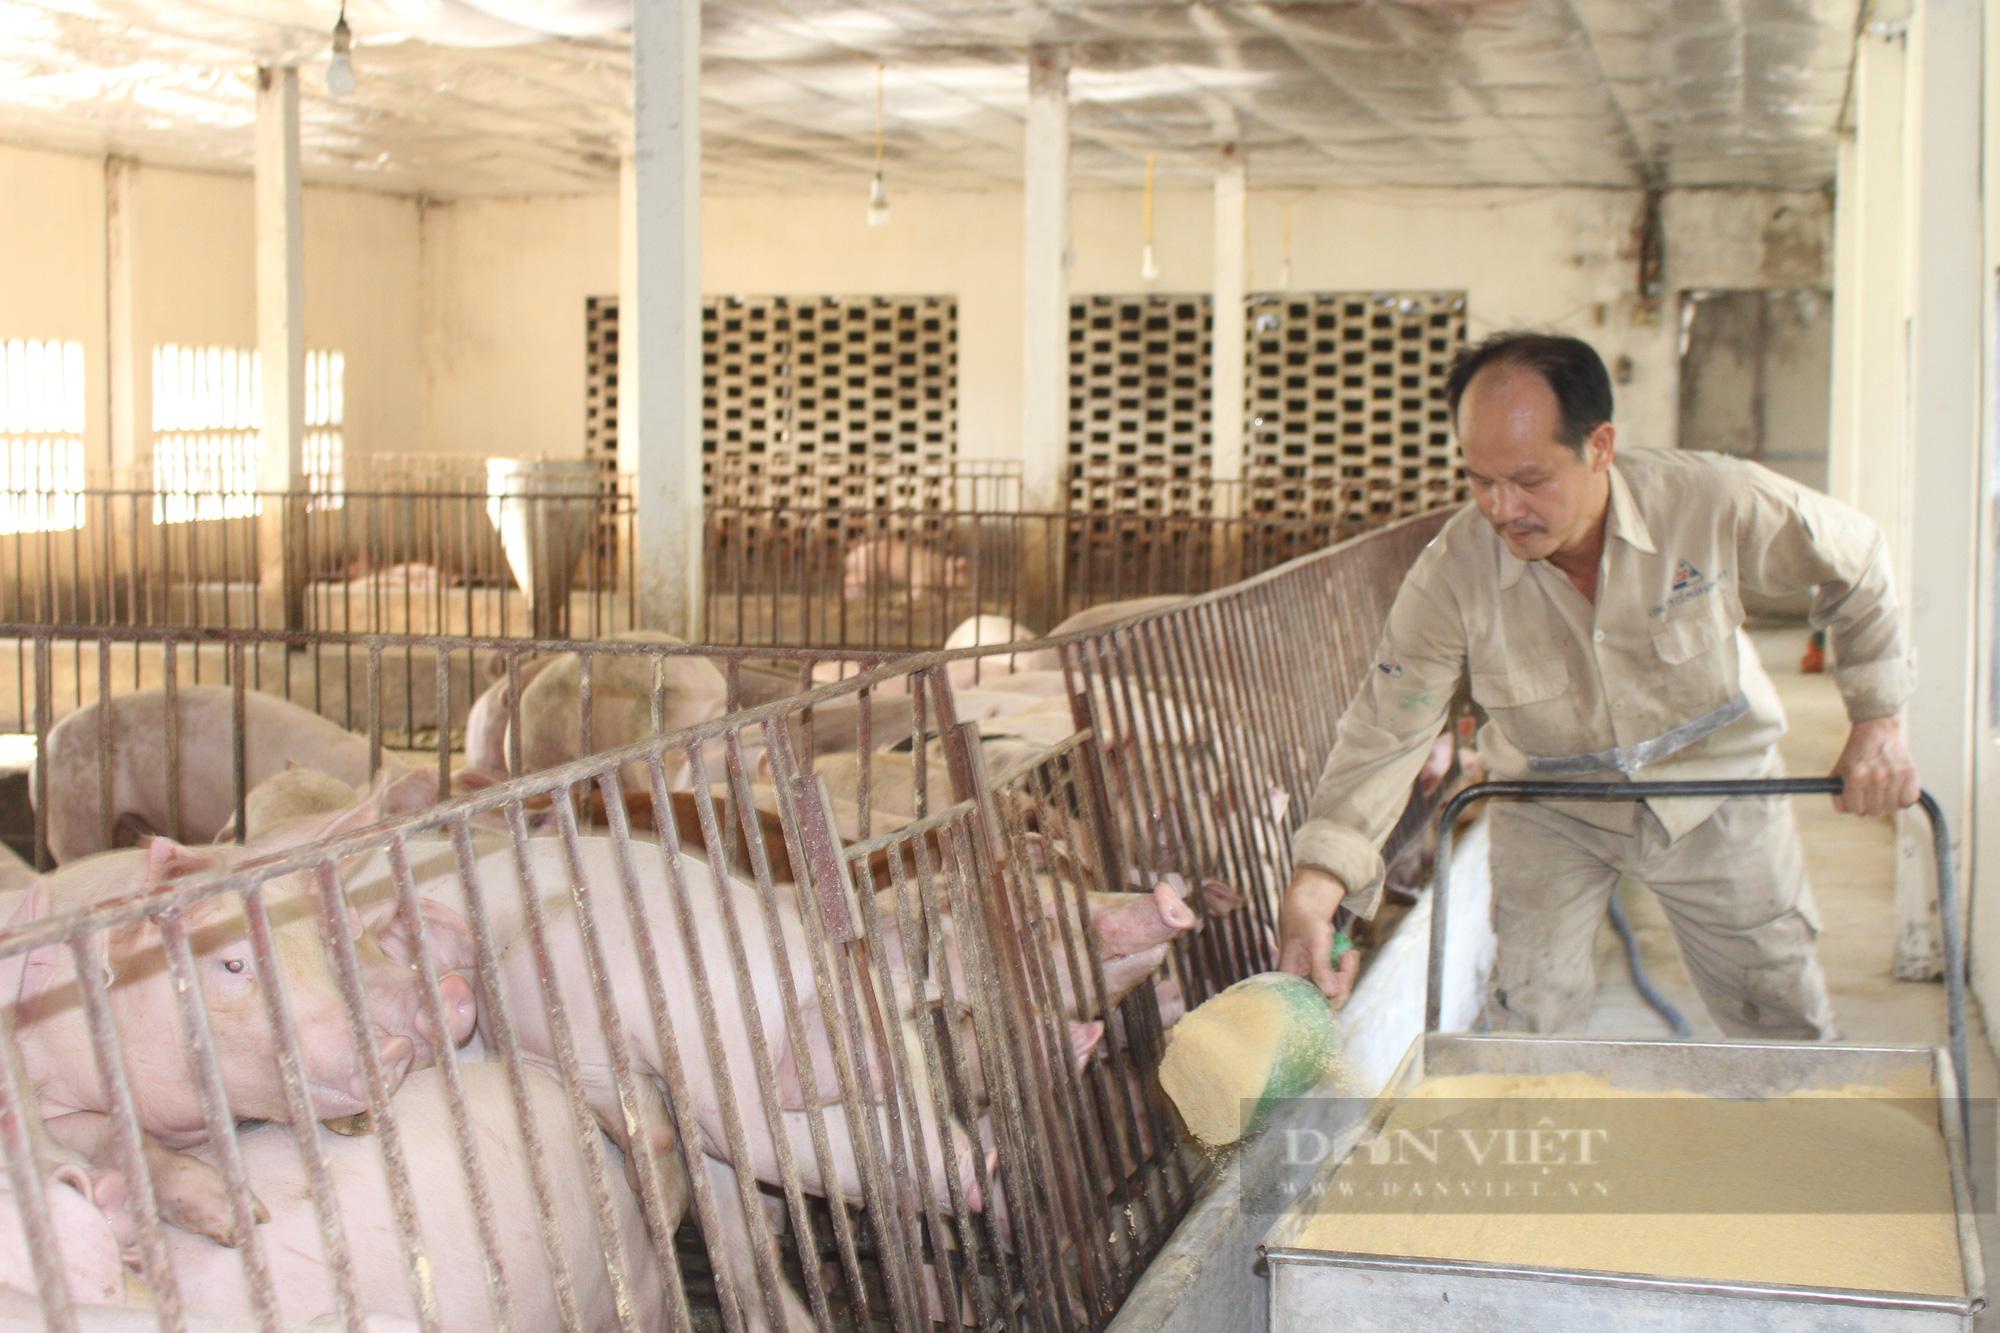 Giữa đại dịch Covid-19, chăm lợn bằng thảo dược, nhạc trữ tình... anh nông dân ở Nam Định luôn đắt hàng  - Ảnh 1.